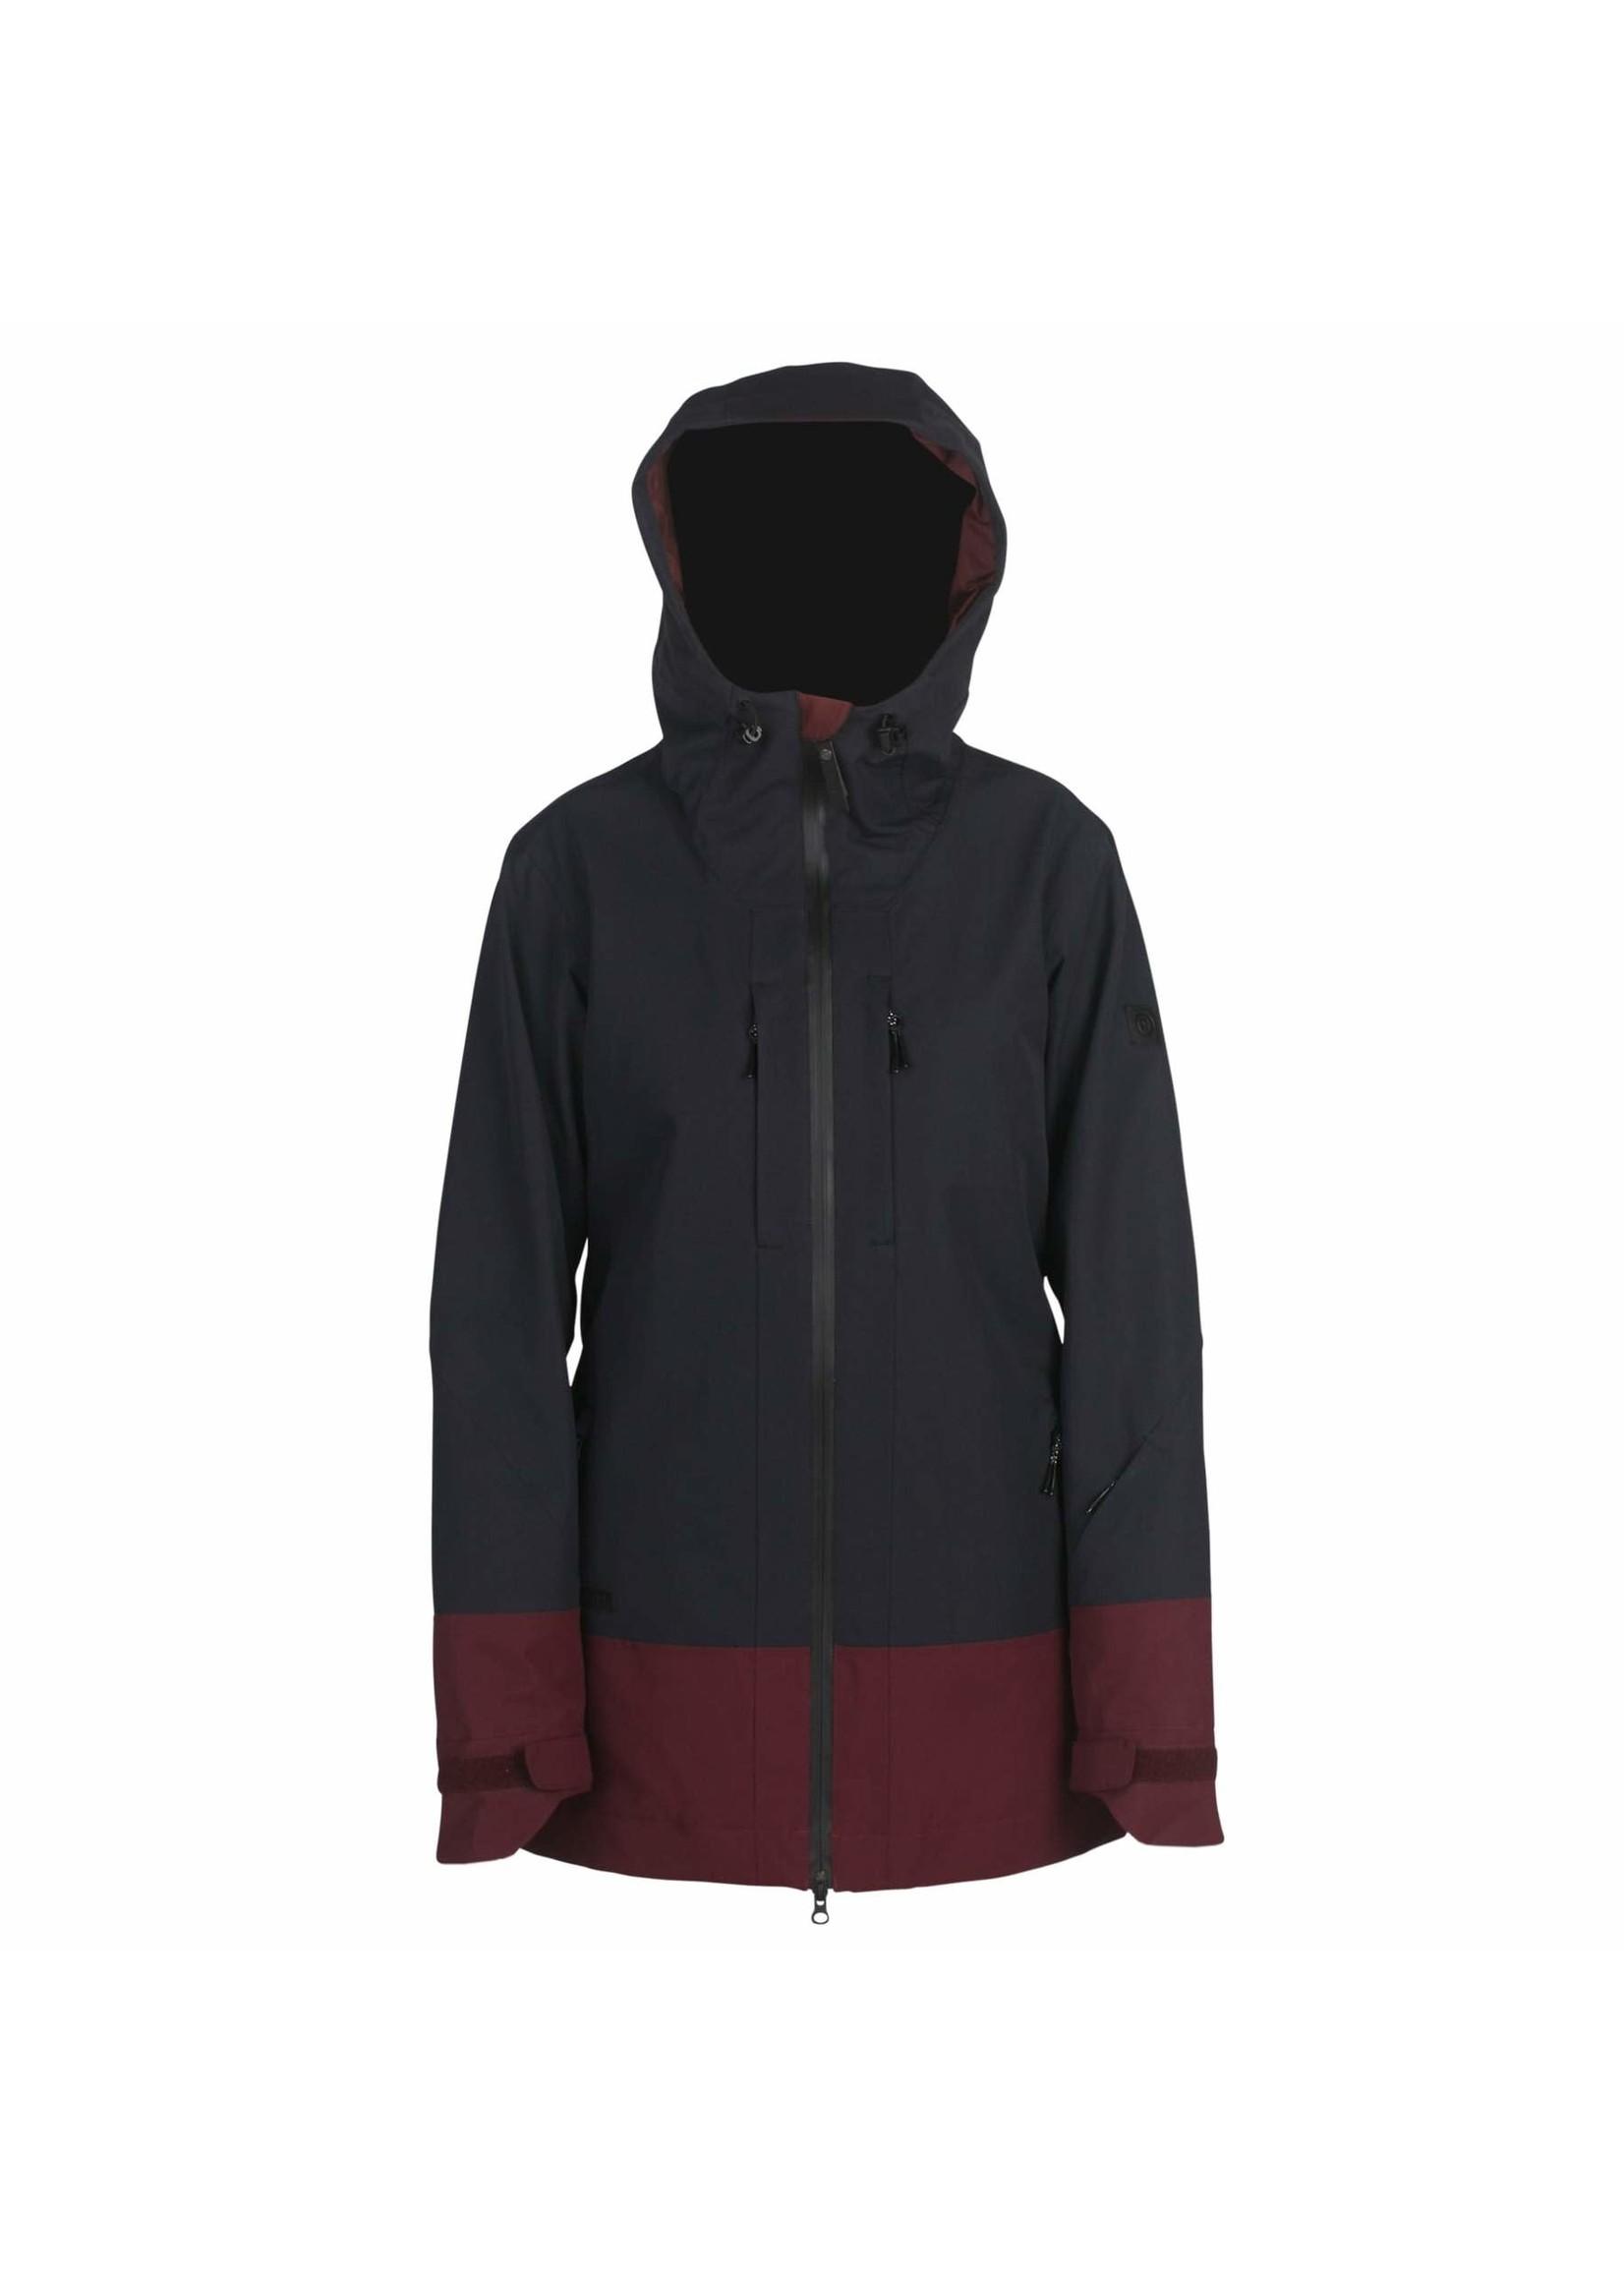 Vine Jacket